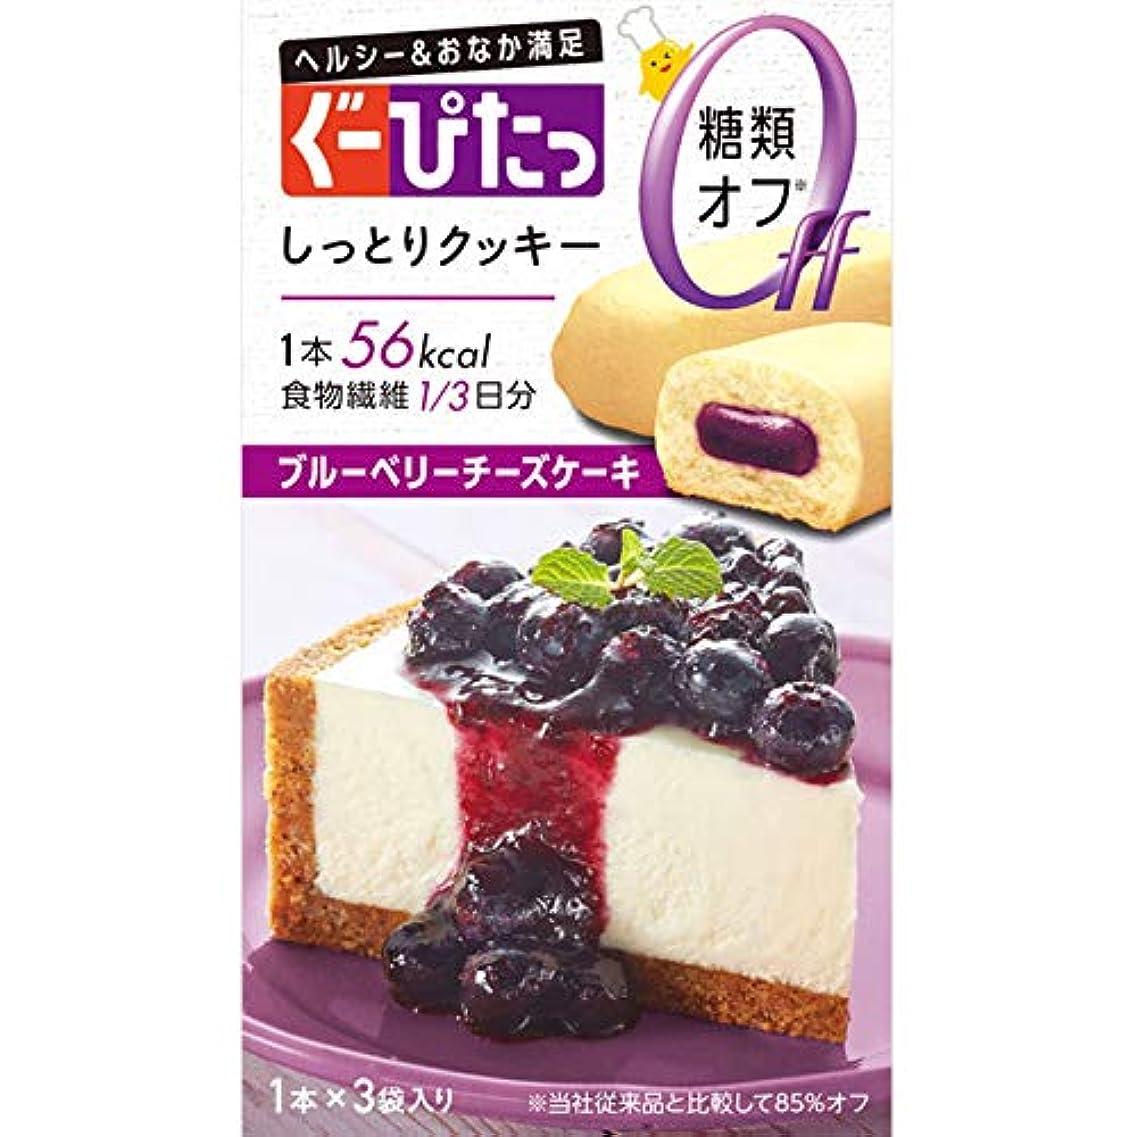 衝突する定期的な確保するナリスアップ ぐーぴたっ しっとりクッキー ブルーベリーチーズケーキ (3本) ダイエット食品